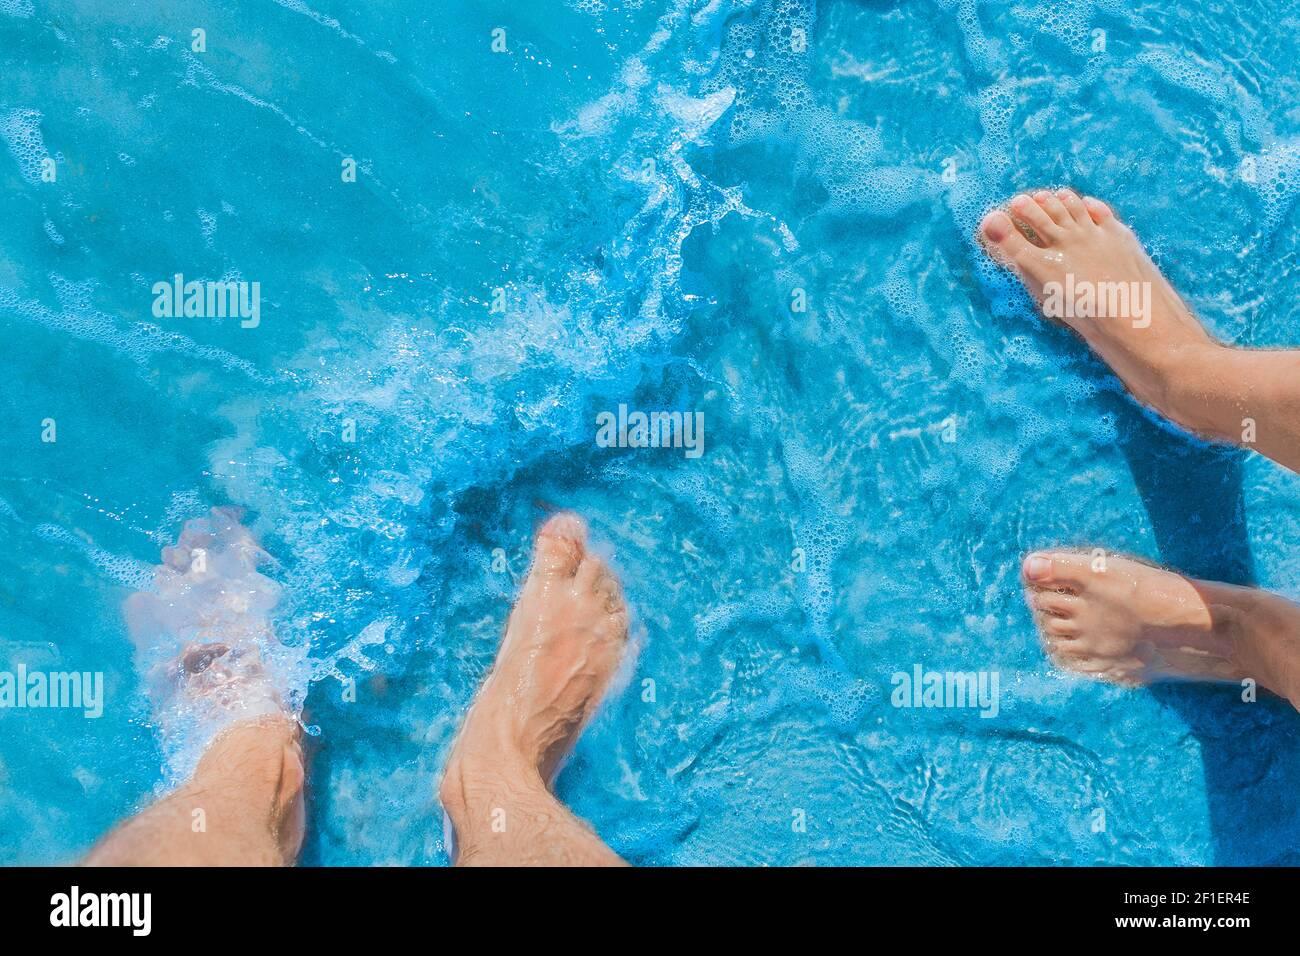 Auf männer warum füße stehen Fußfetisch: Darum